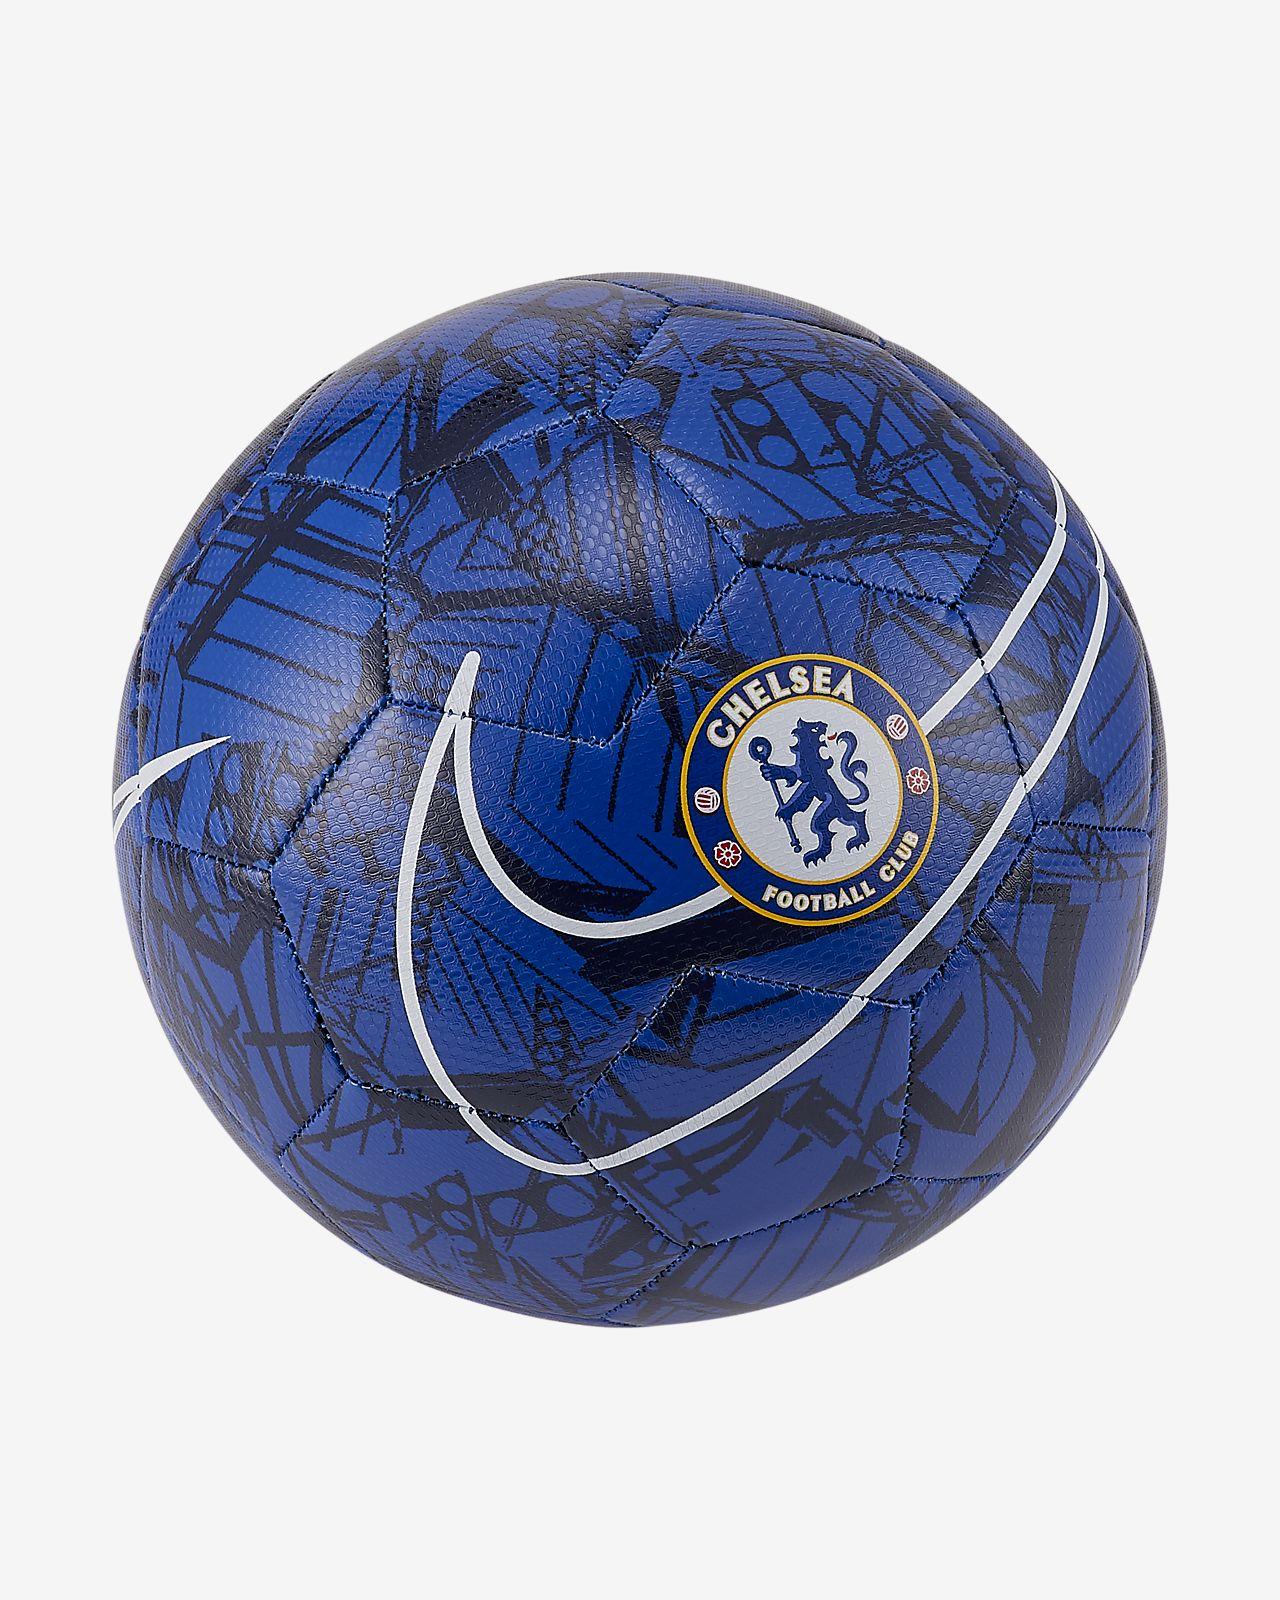 Μπάλα ποδοσφαίρου Chelsea FC Prestige